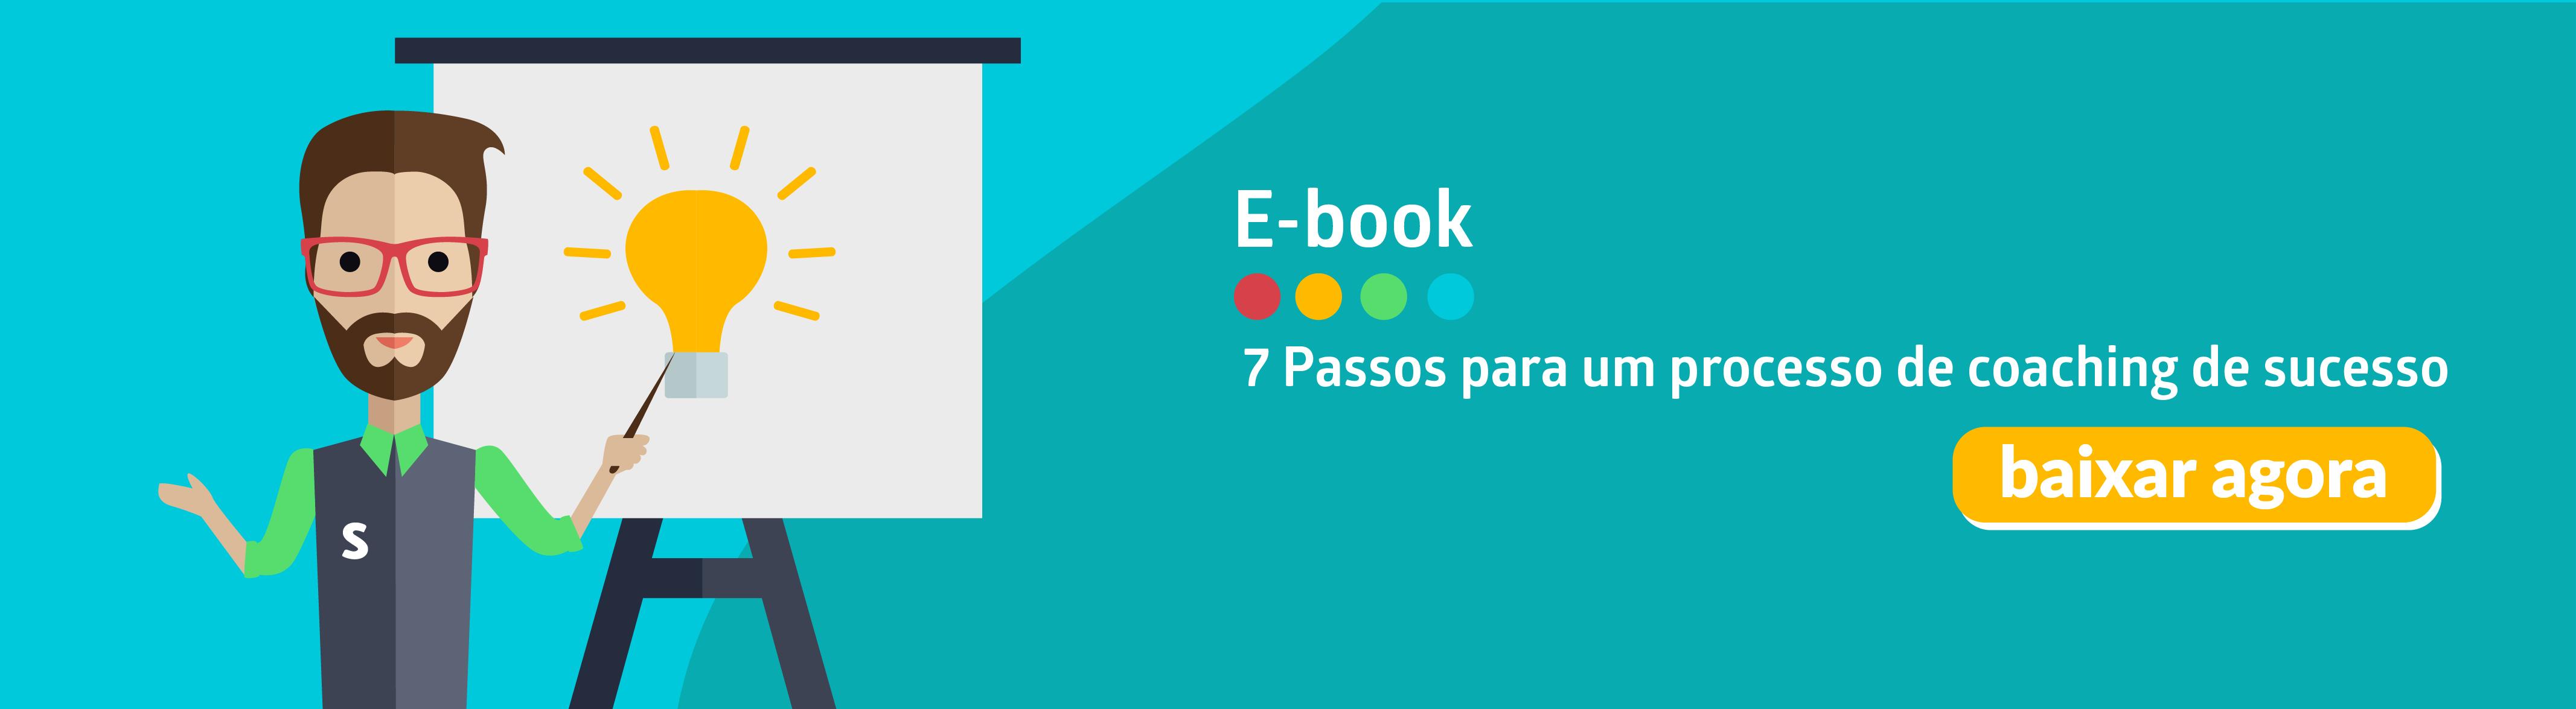 Banner_Sete_Passos_Para_Um_Processo_de_Coaching_de_Sucesso